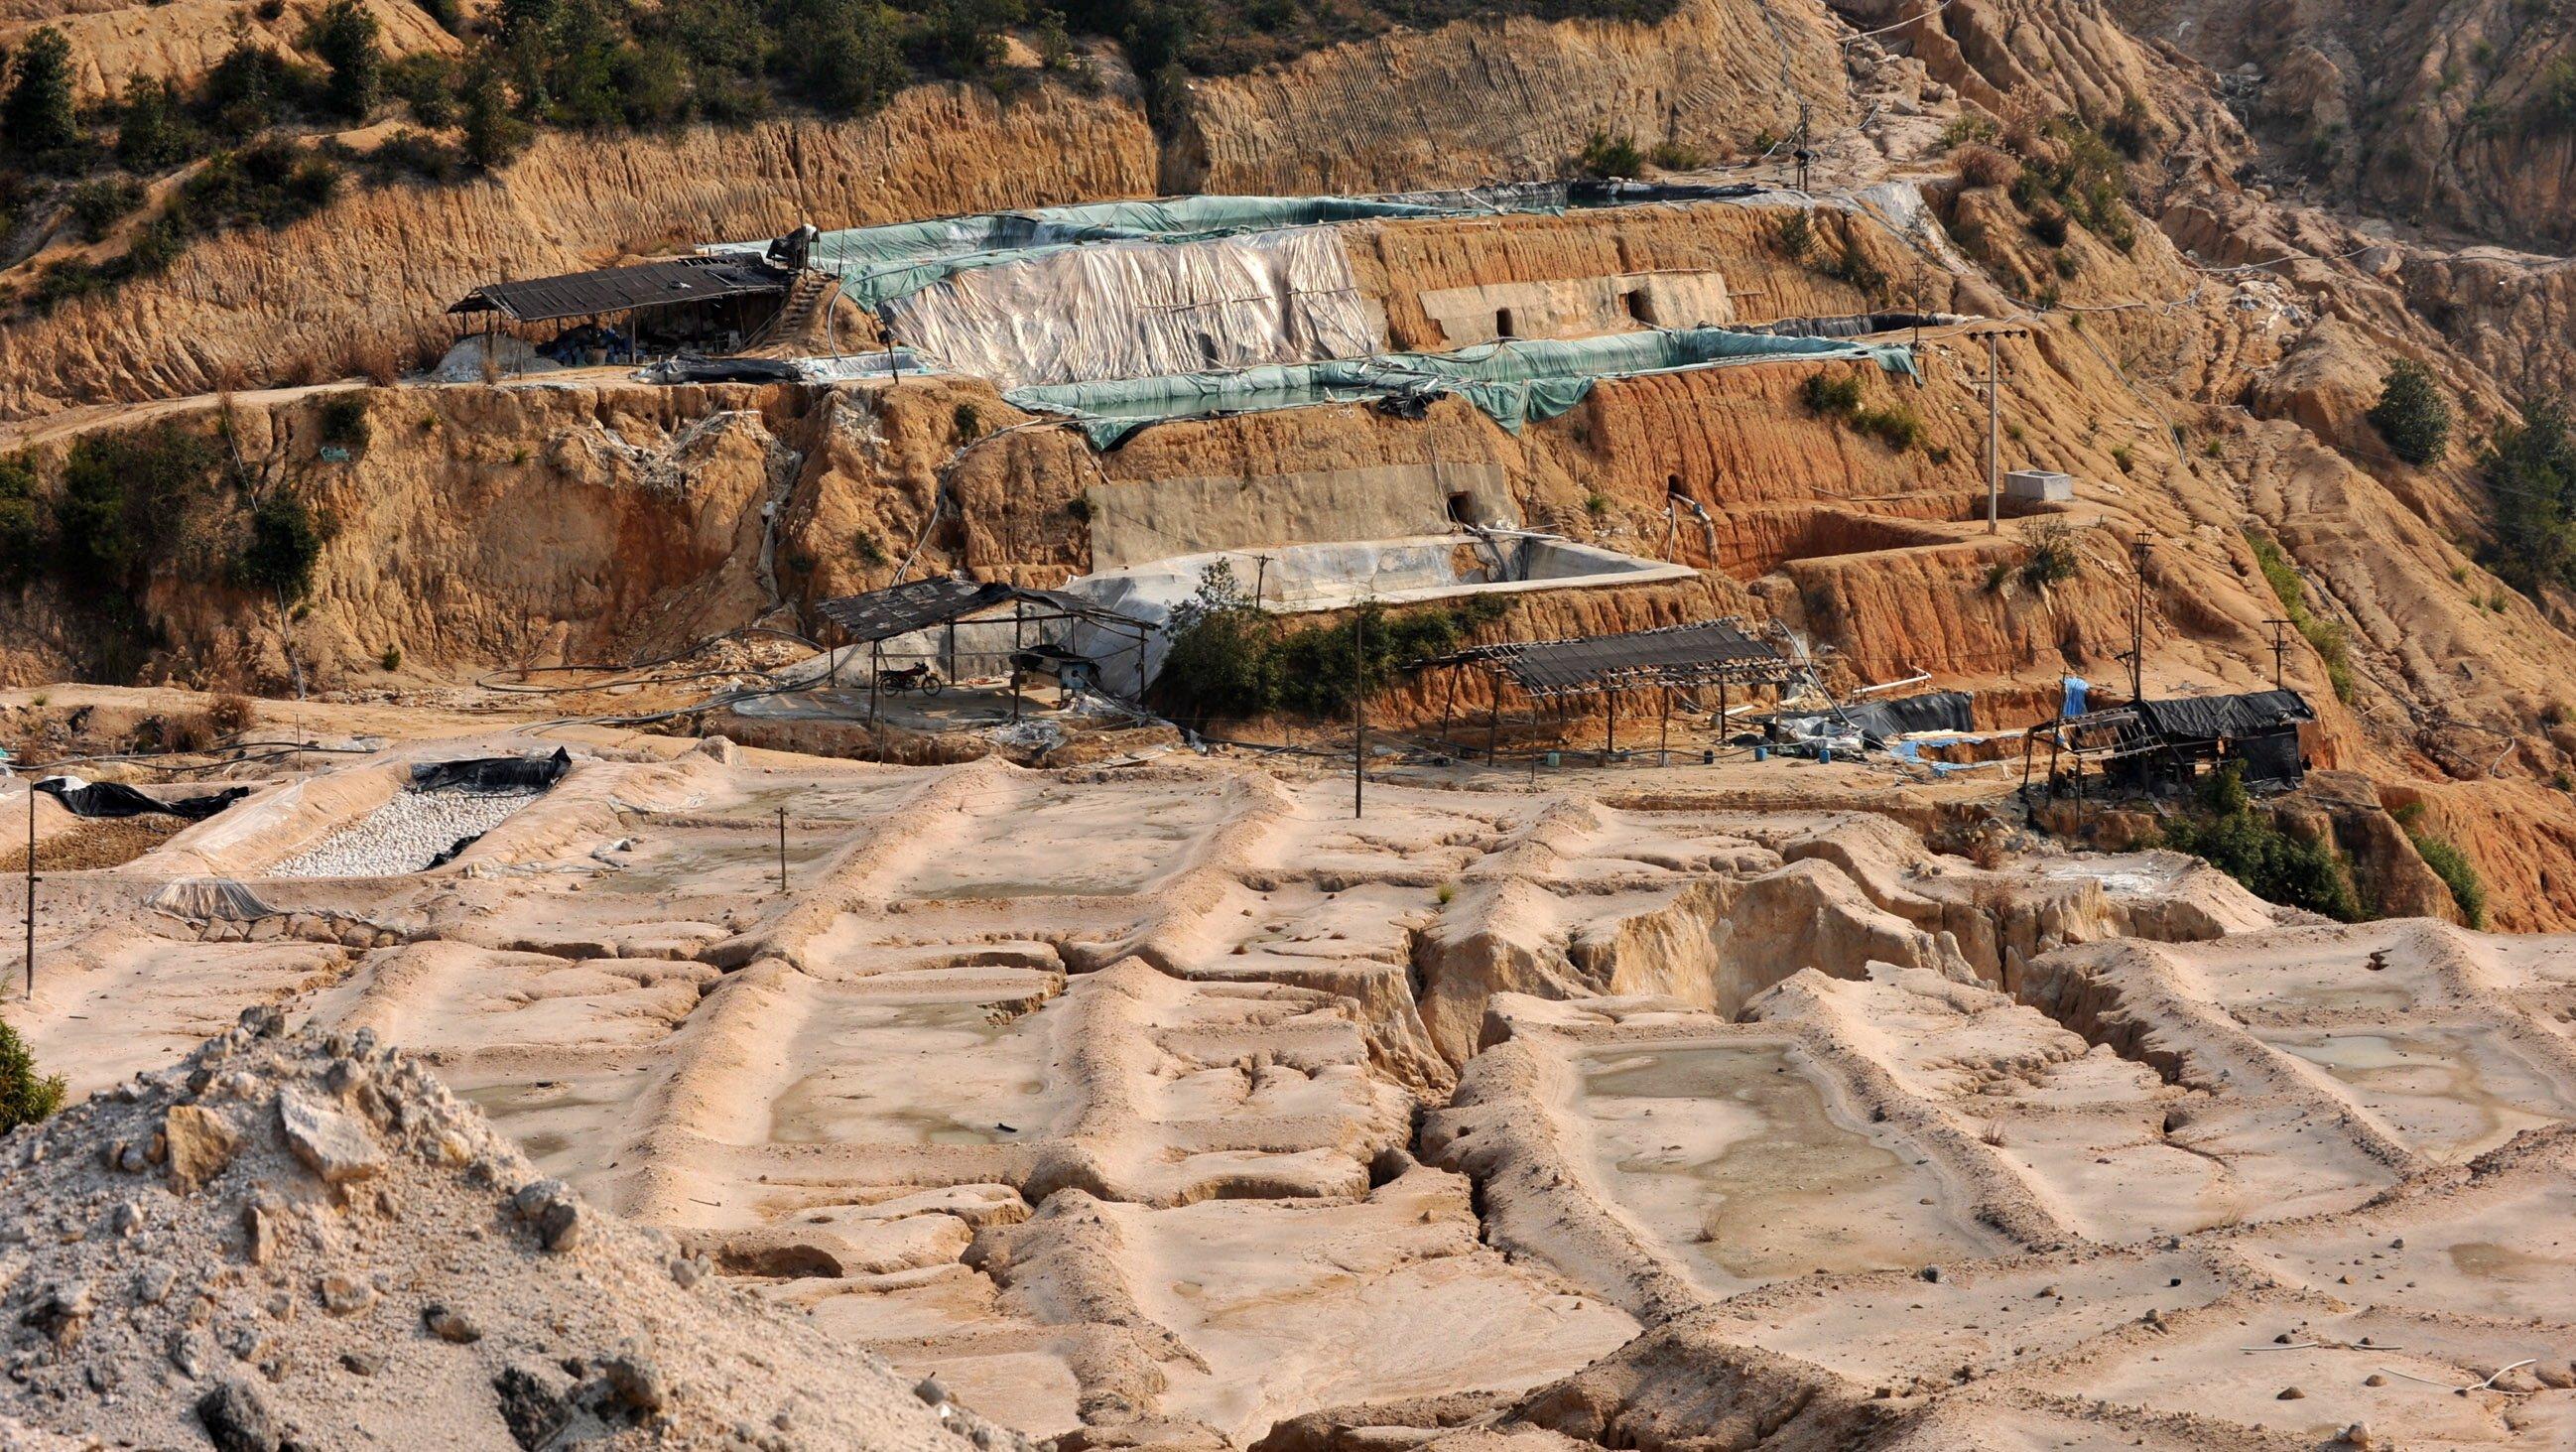 Abbau Seltener Erden in China: Das Land ist faktisch Monopolist bei der Lieferung dieser begehrten Rohstoffe, die vor allem in Hightech-Geräten unverzichtbar sind.